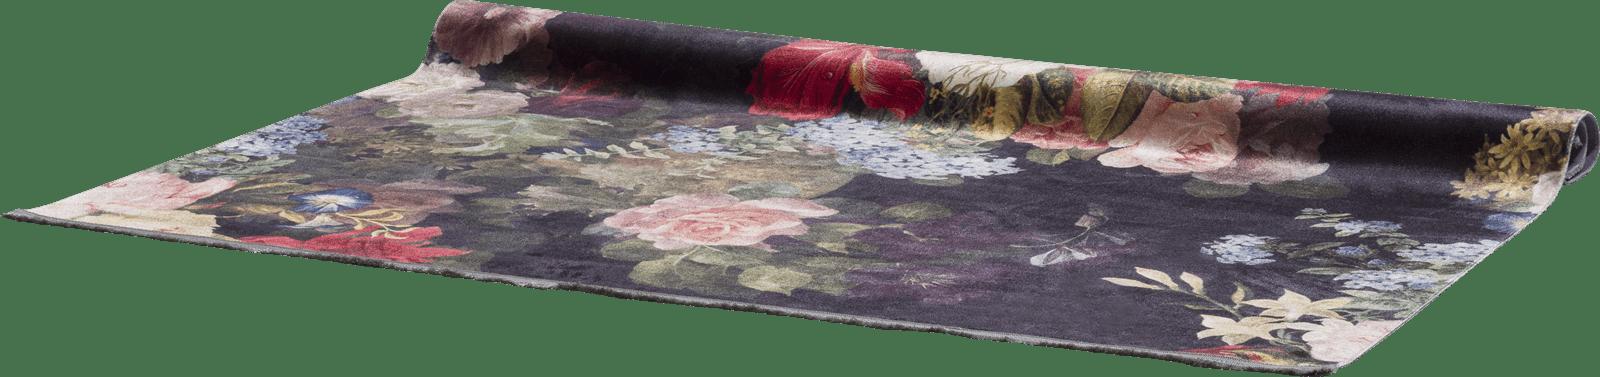 XOOON - Coco Maison - velvet bouquet rug 160x230cm